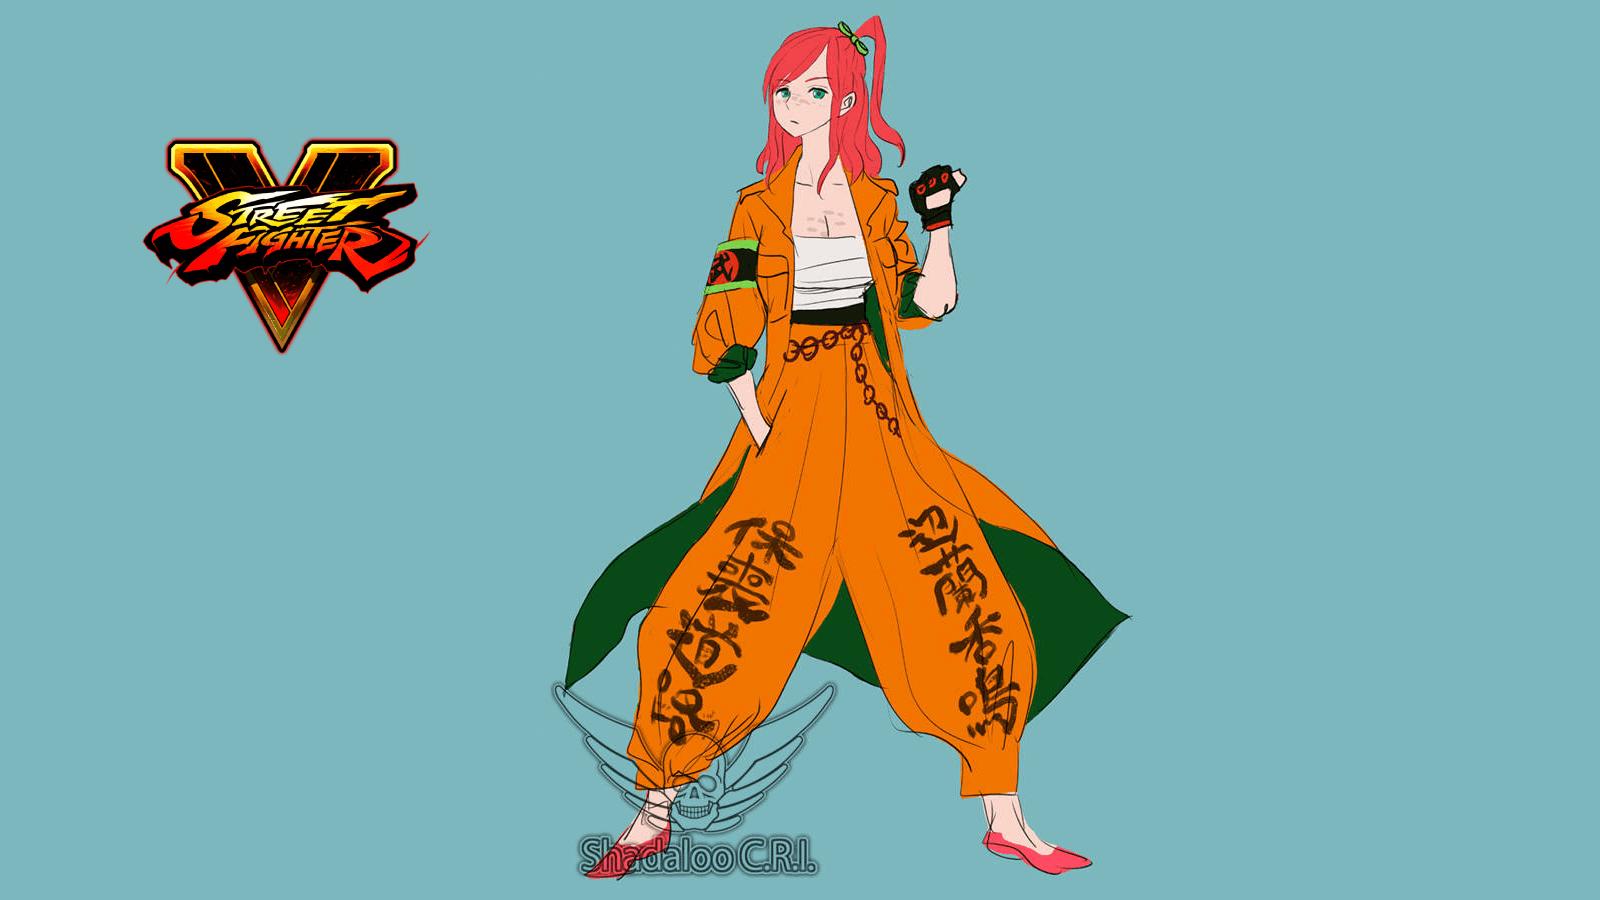 Capcom Shares a New Concept Art - Rose's Costume